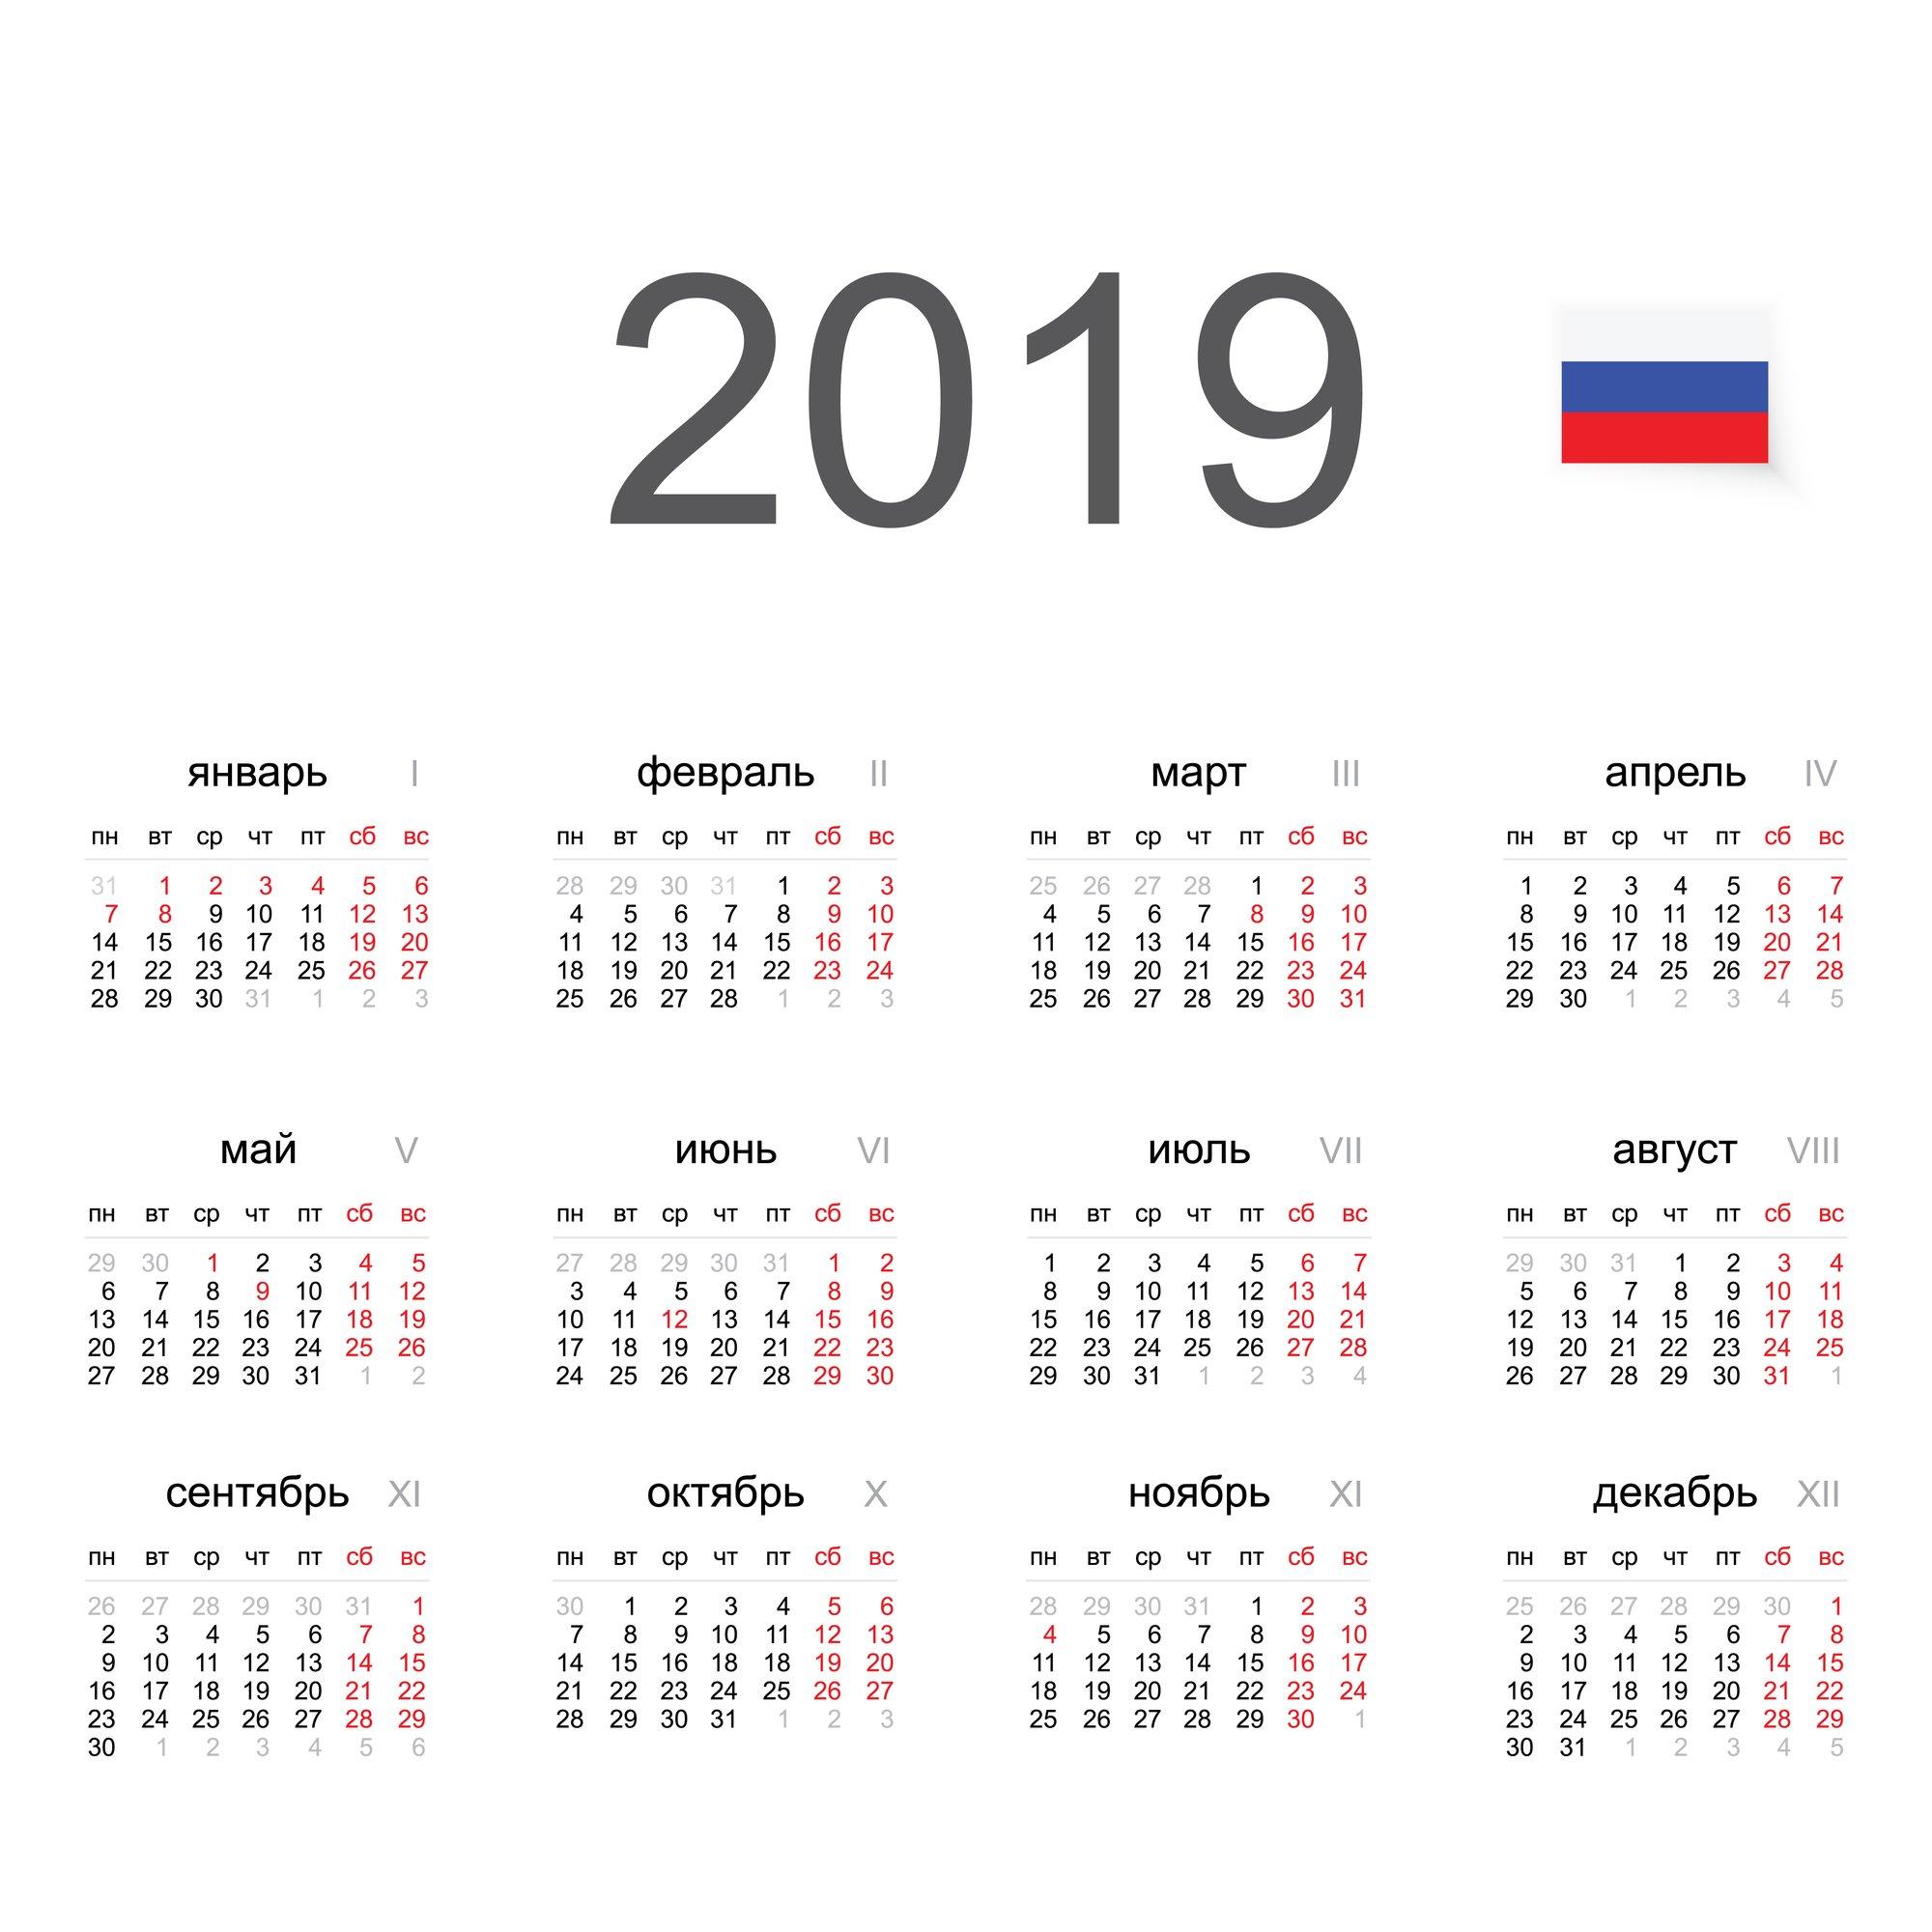 Праздники России 2019. Календарь Праздников На 2019 Год Для России Calendar 9 2019